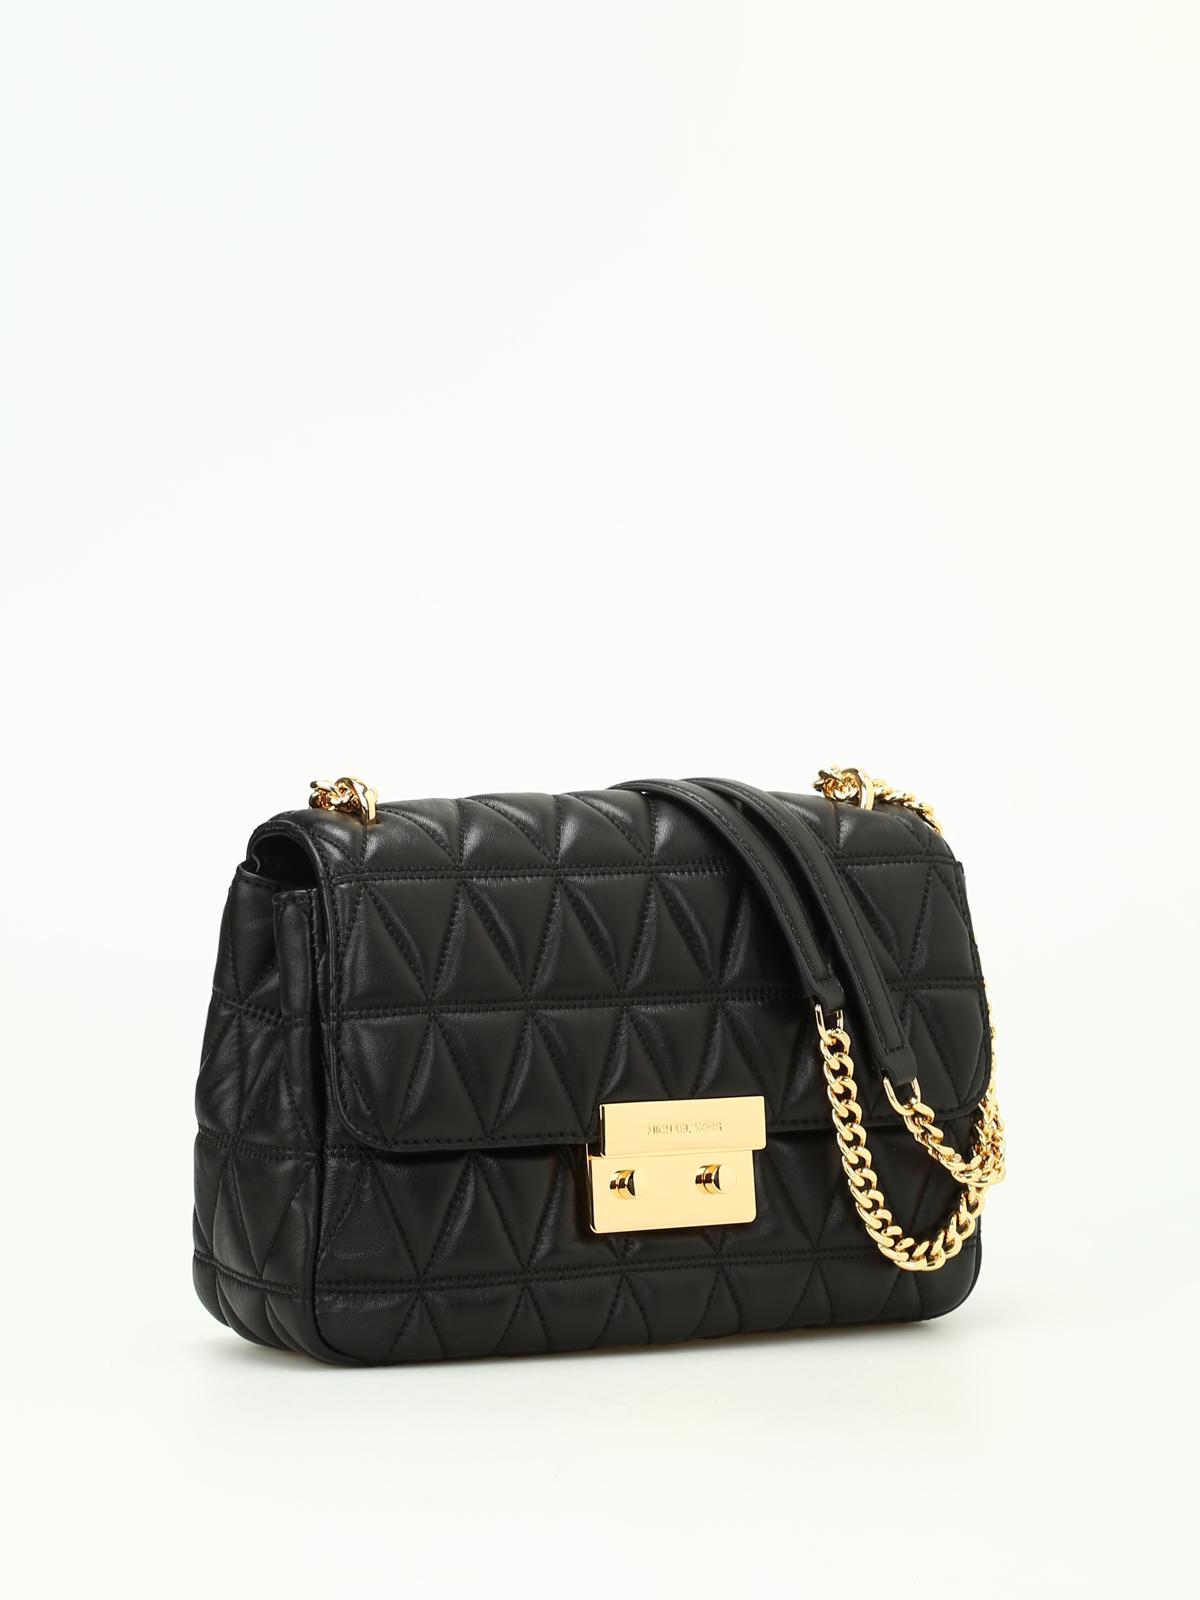 adcfd02e6964 MICHAEL KORS: shoulder bags online - Sloan large quilted shoulder bag